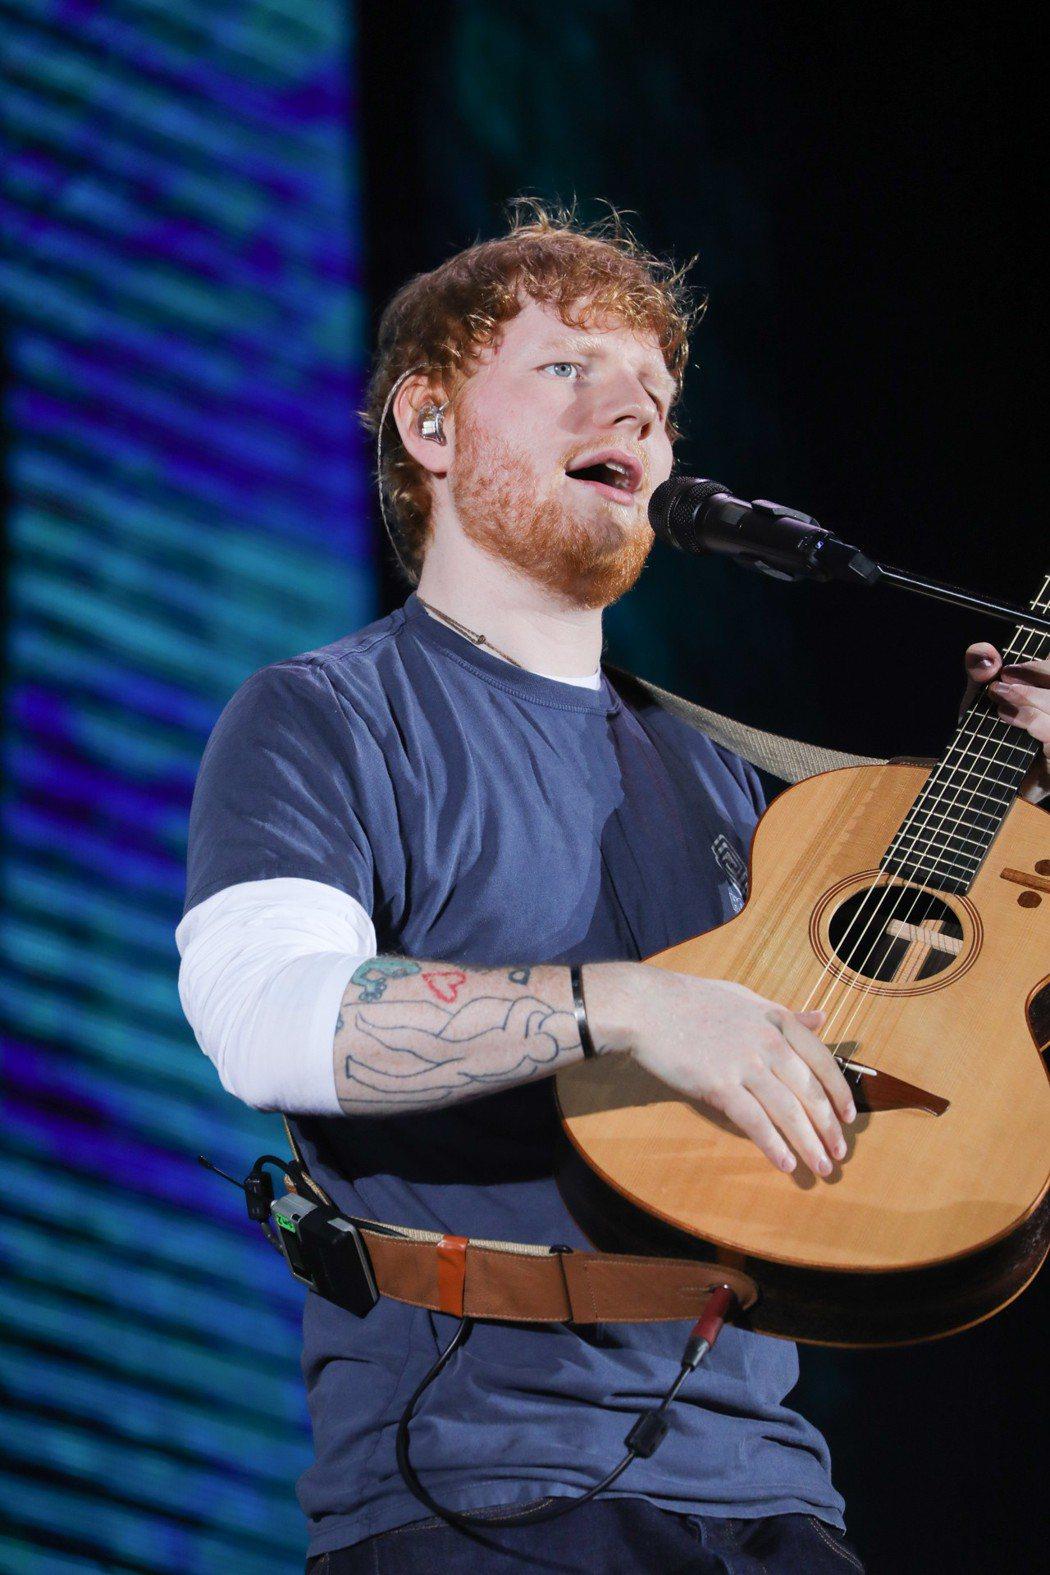 紅髮艾德4日晚上在桃園市立田徑場開唱,嗨翻2.5萬台灣歌迷。圖/華納音樂提供